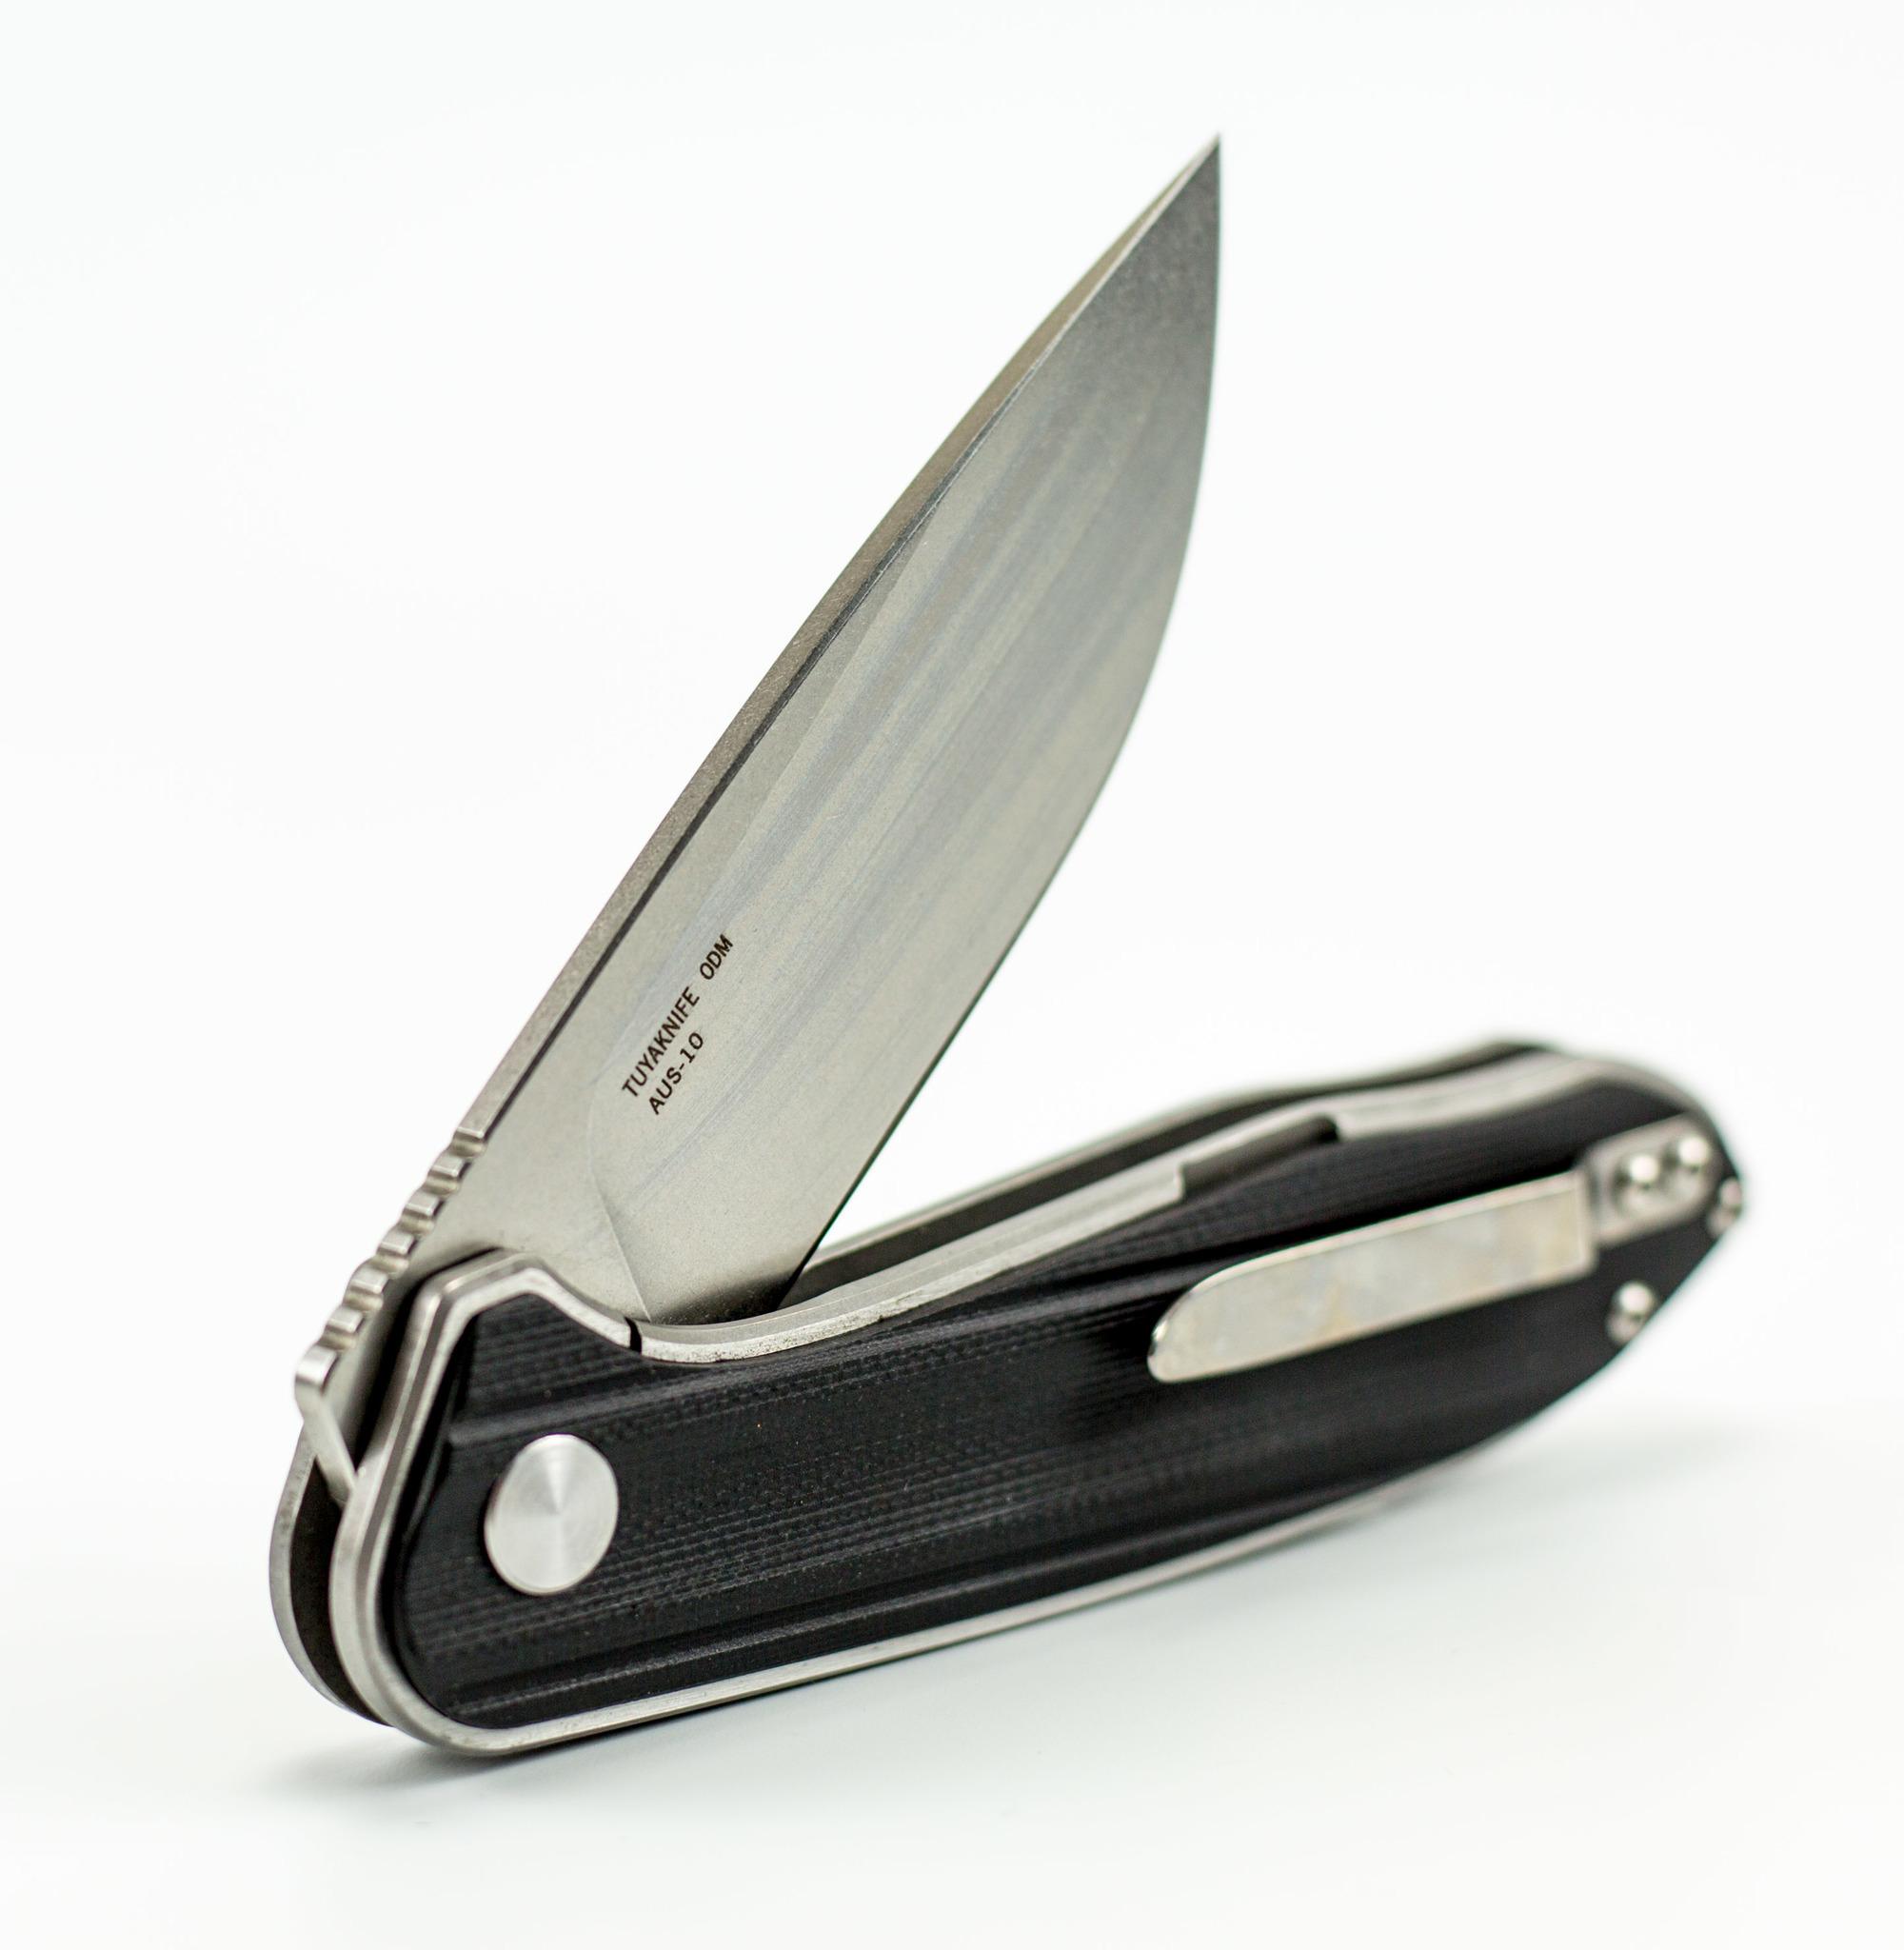 Фото 11 - Складной нож Tuya Knives Talisman Black, сталь AUS-10